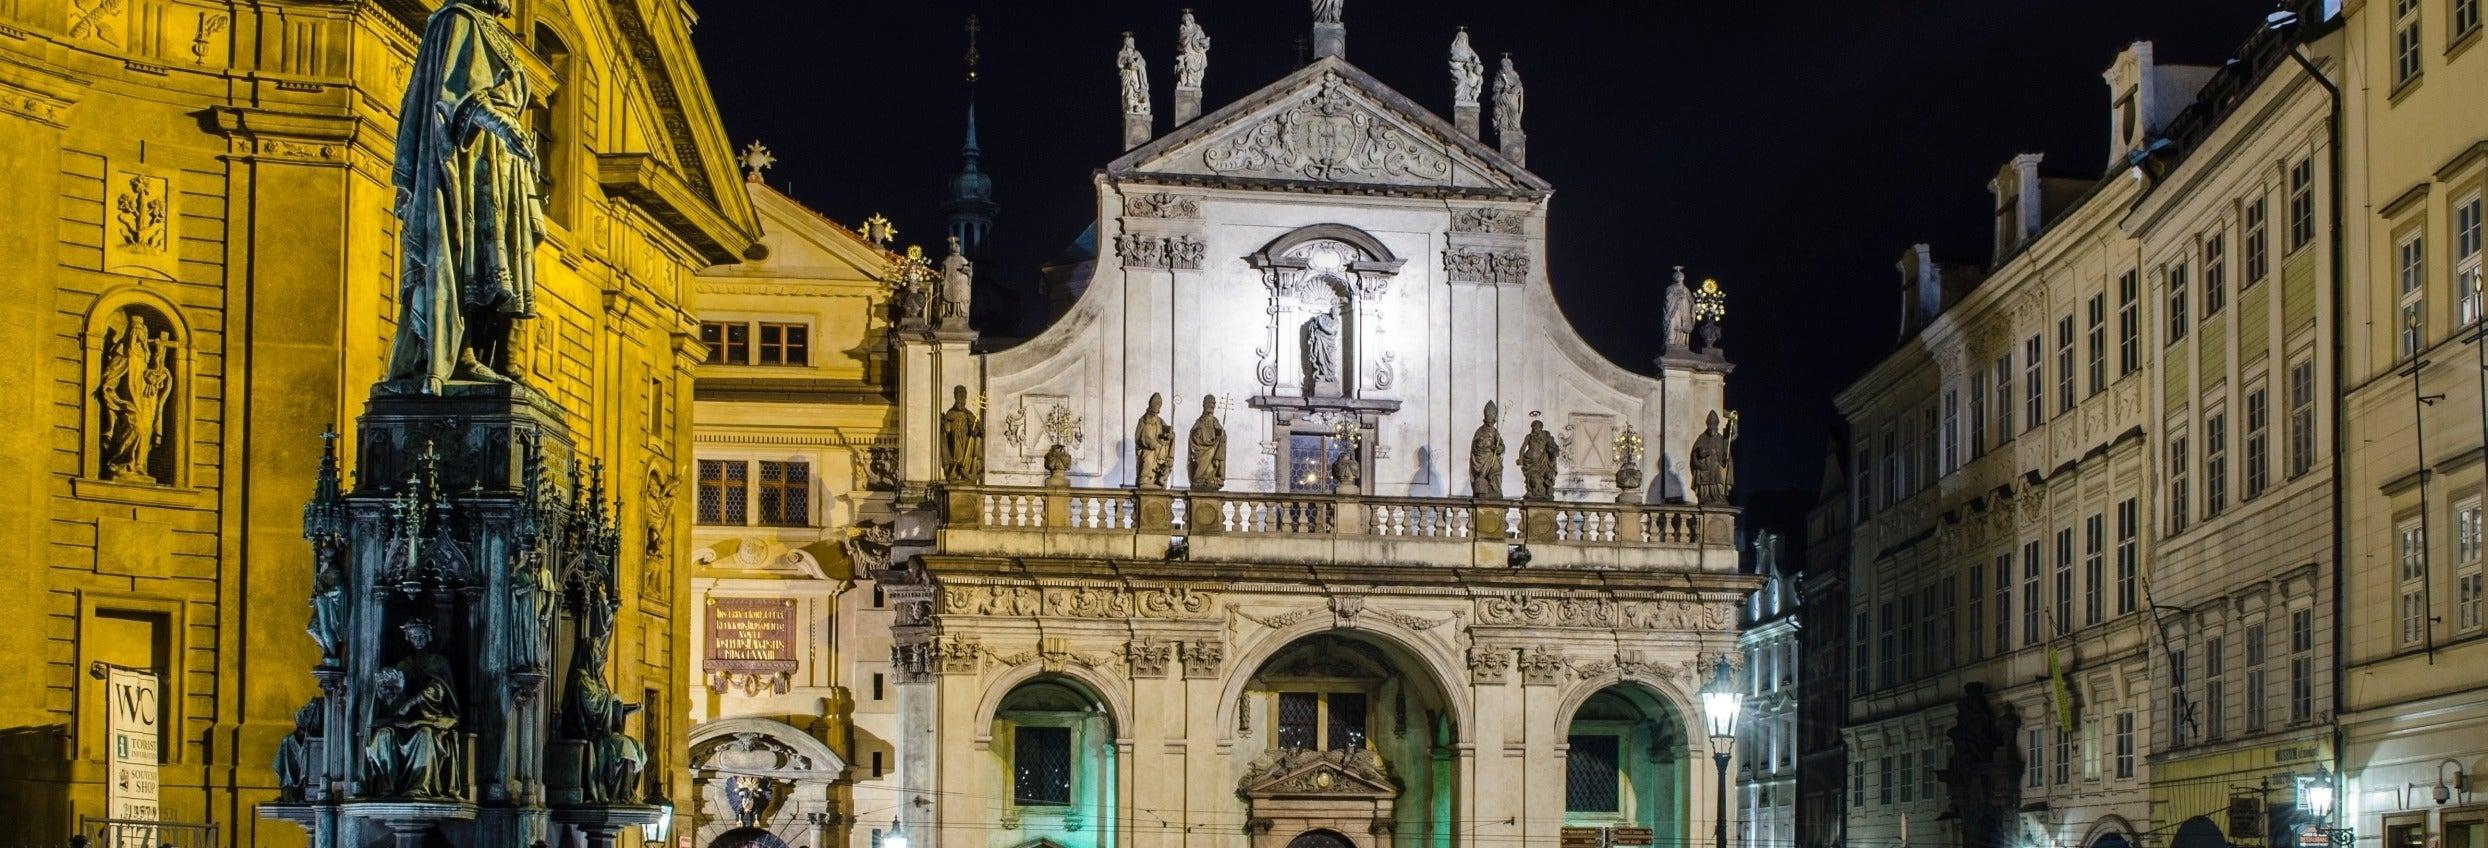 Free tour de los misterios y leyendas de Praga